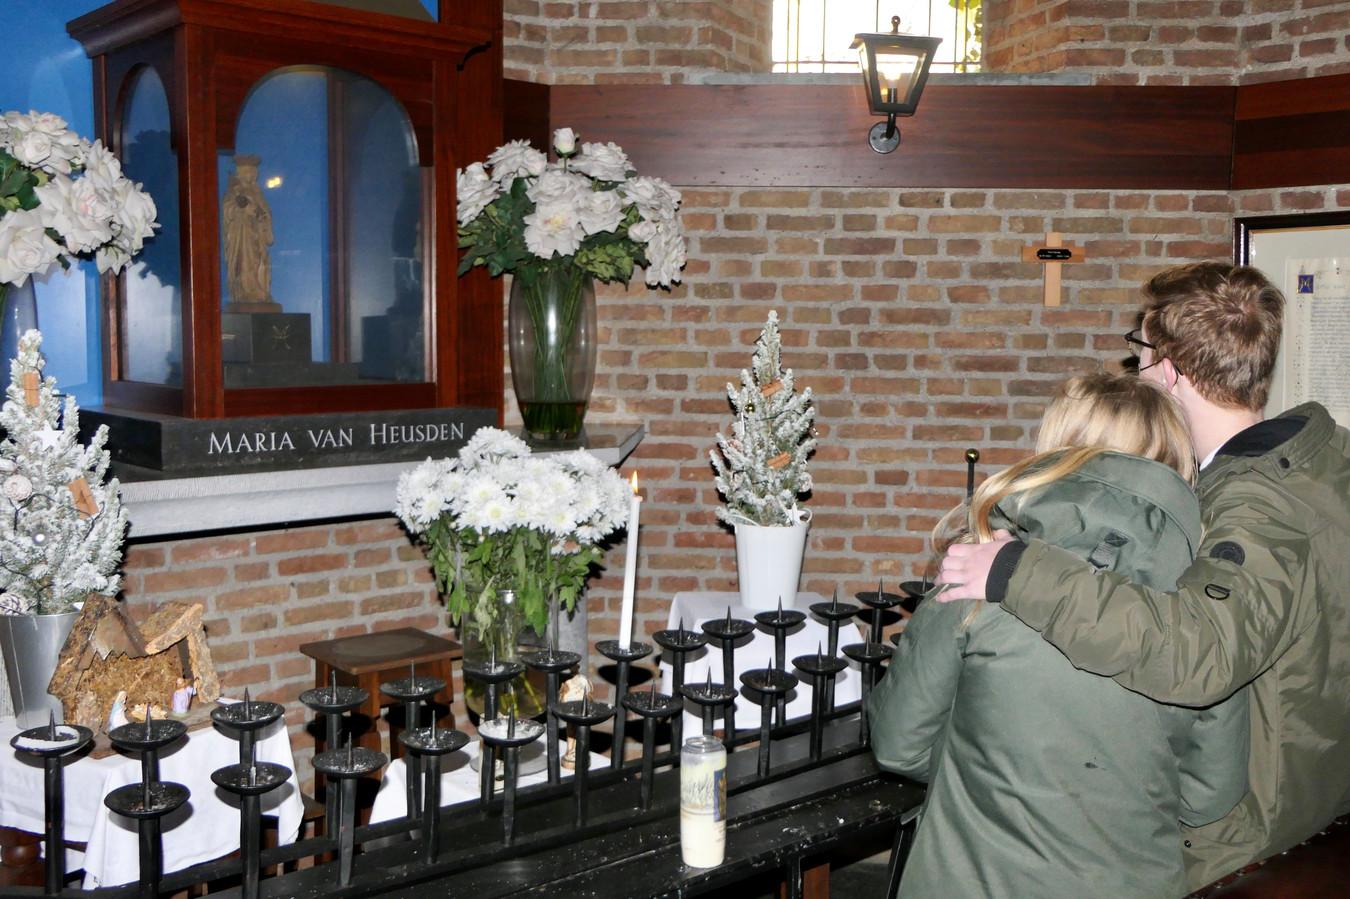 Bezoekers van de Mariakapel in Heusden.